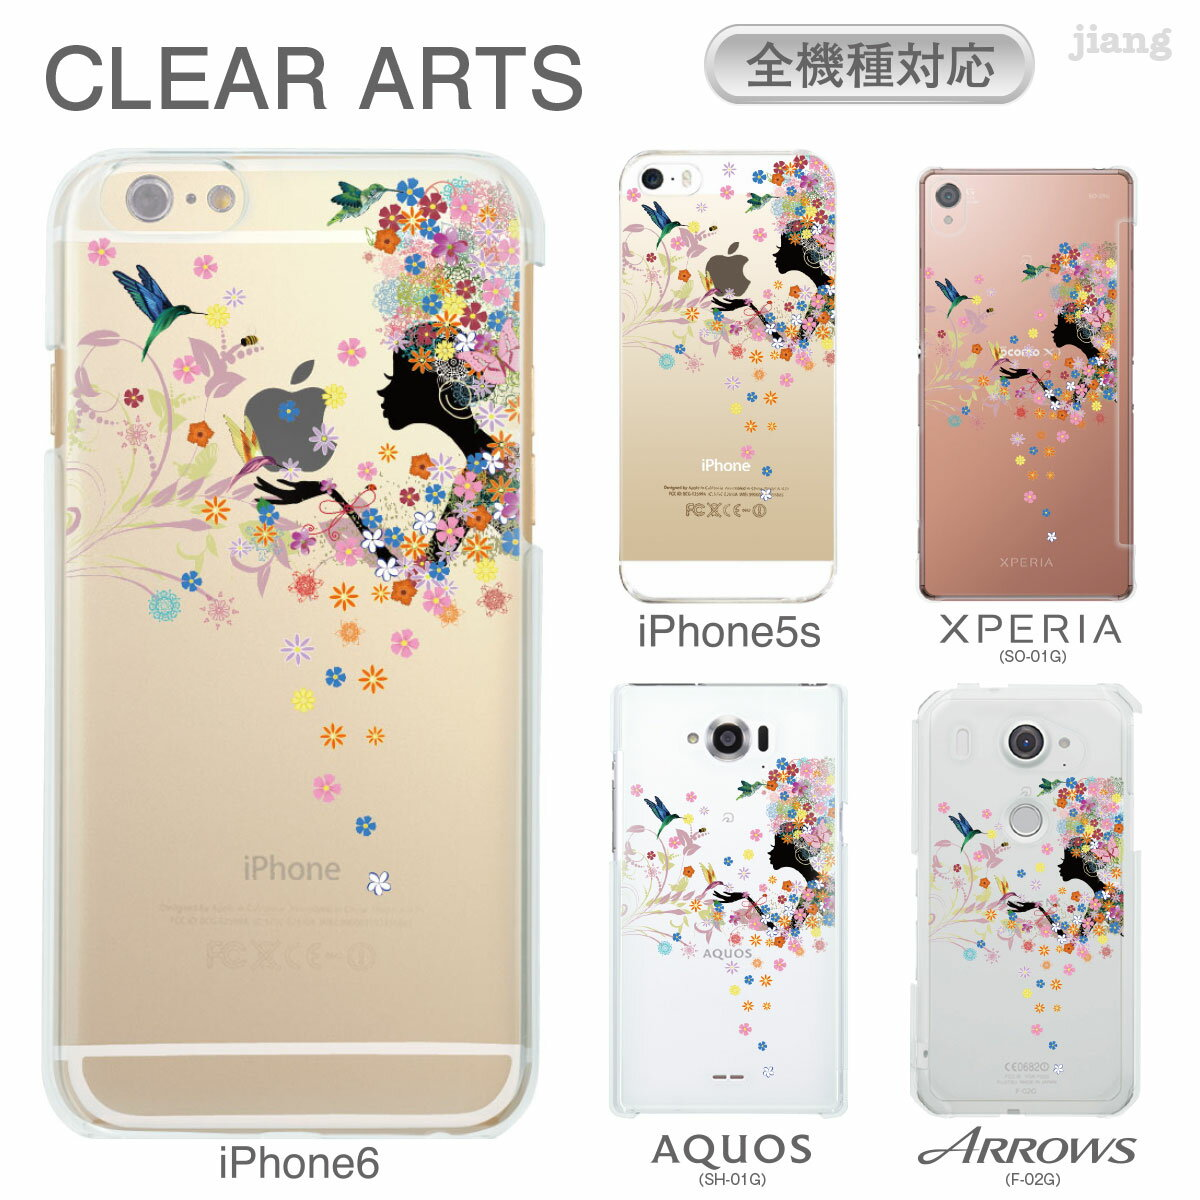 スマホケース 全機種対応 ケース カバー ハードケース クリアケース iPhoneXS Max iPhoneXR iPhoneX iPhone8 iPhone7 iPhone Xperia 1 SO-03L SOV40 Ase XZ3 SO-01L XZ2 XZ1 XZ aquos R3 sh-04l shv44 R2 sh-04k sense2 galaxy S10 S9 S8 フラワーガール 01-zen-ca0244